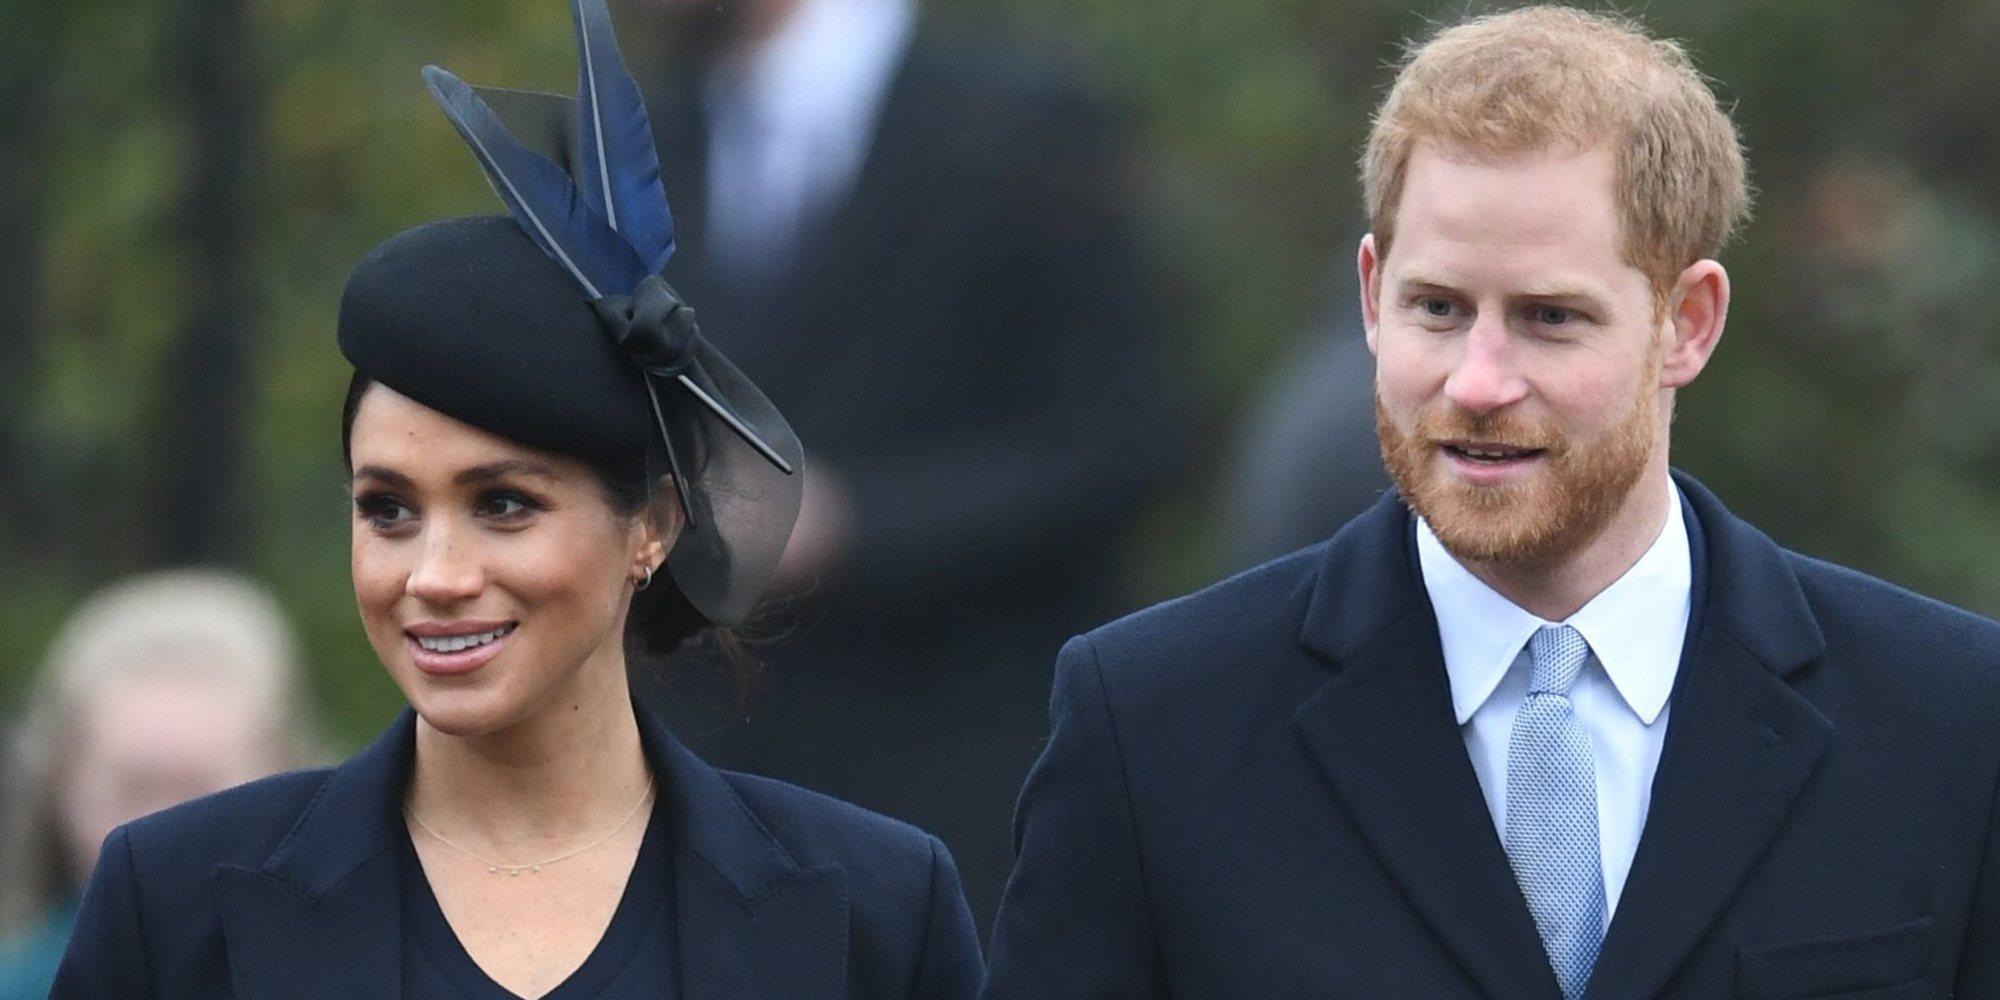 La Reina Isabel visita la nueva casa de Príncipe Harry y Meghan Markle antes del nacimiento del Baby Sussex